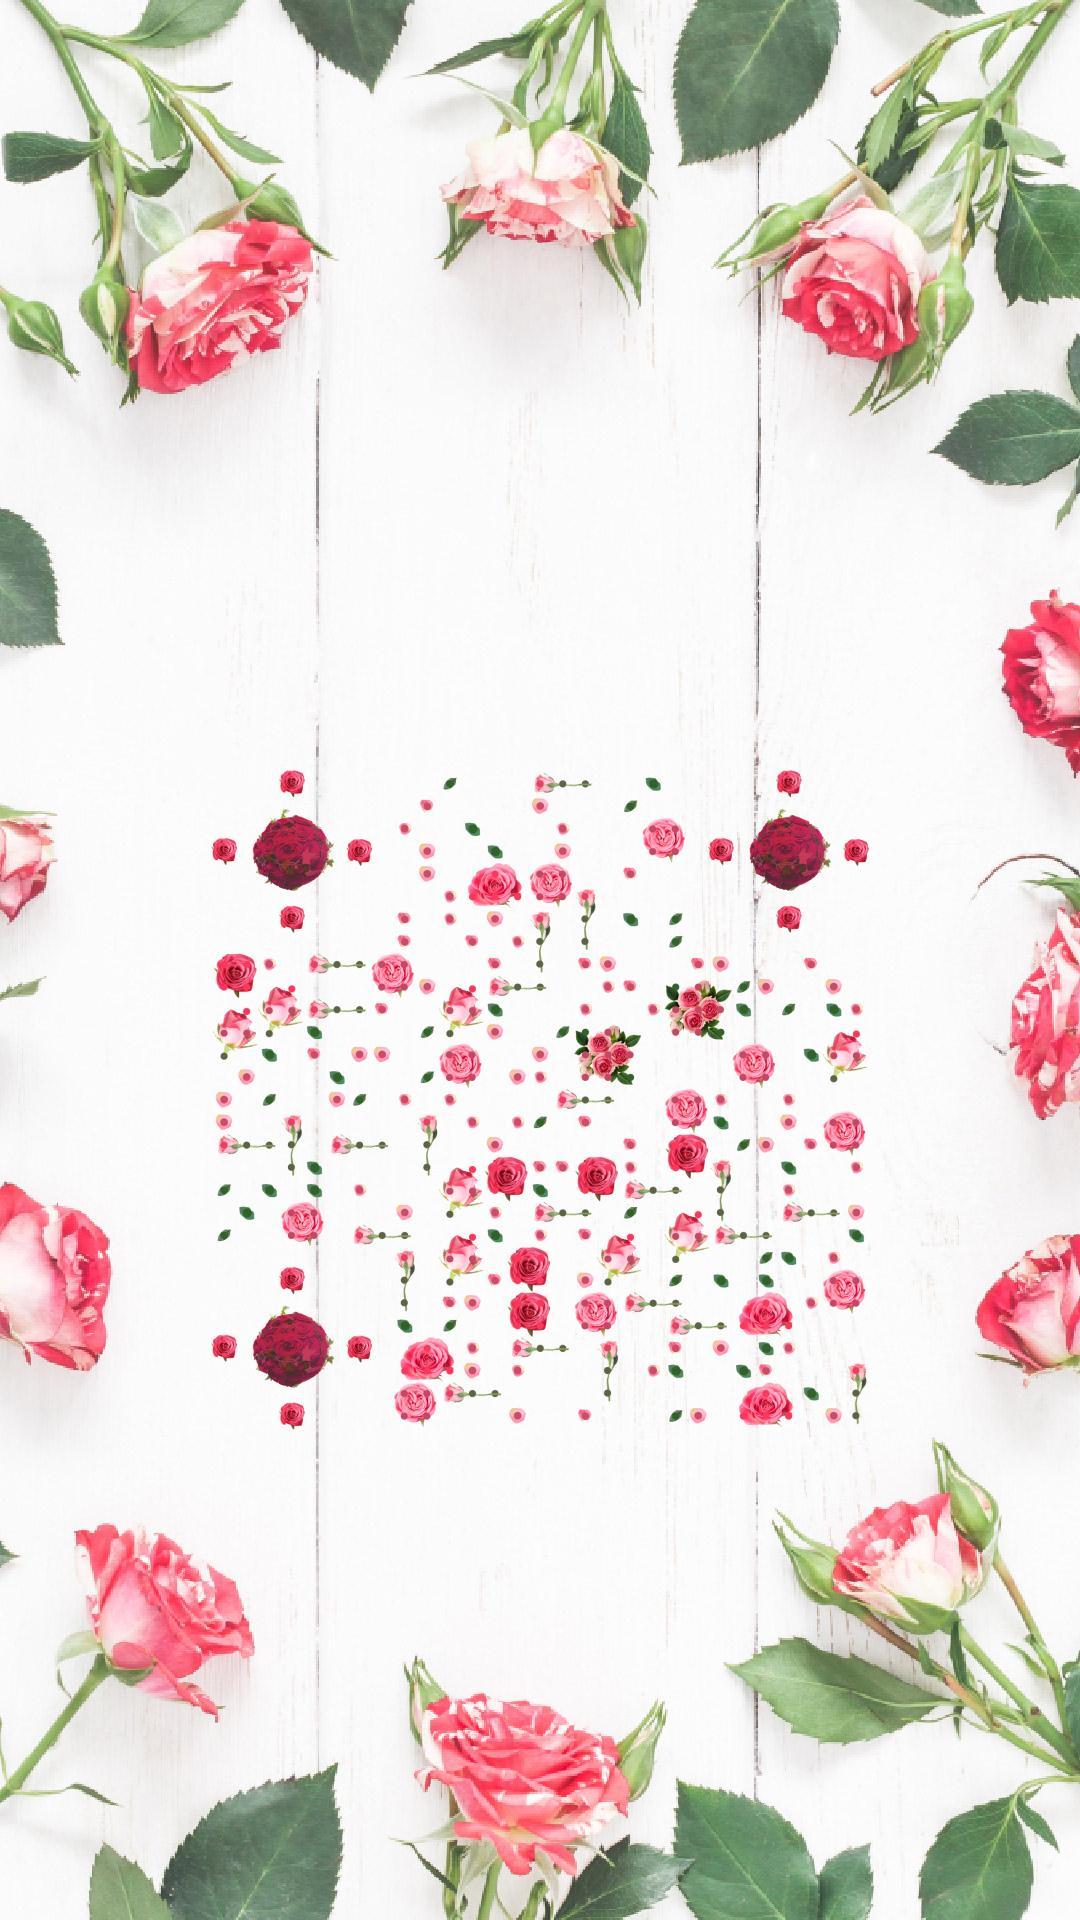 粉紅玫瑰 藝術二維碼